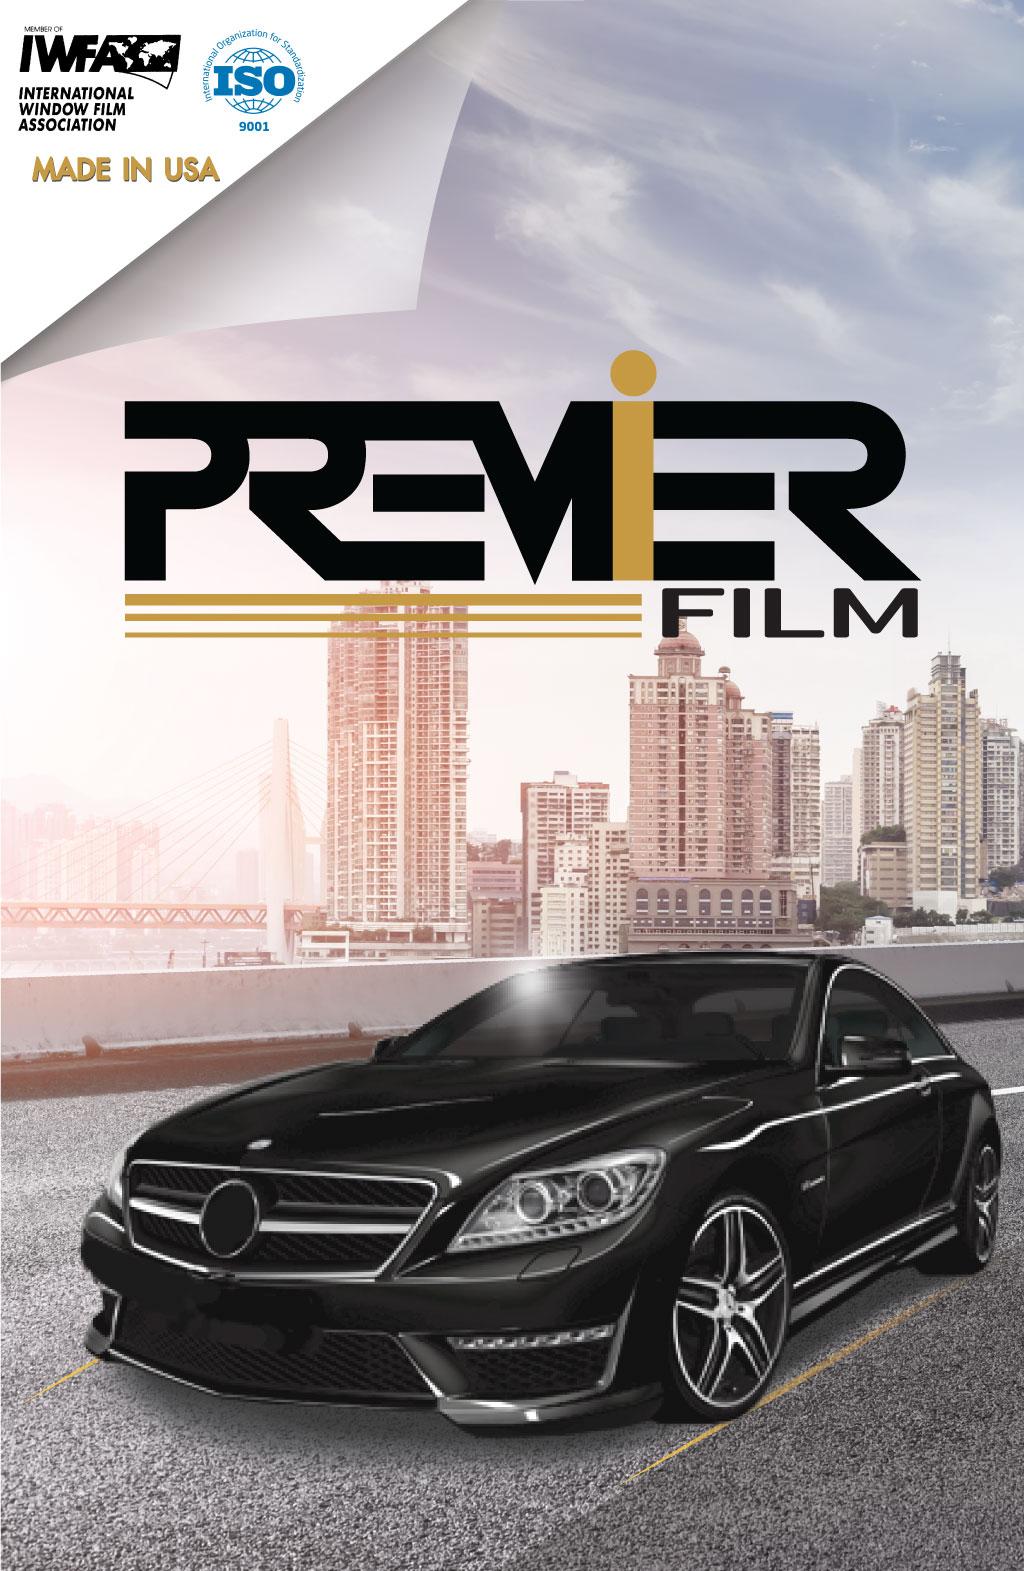 ฟิล์มกรองแสงรถยนต์ ฟิล์มเซรามิคชั้นนำ premierfilm